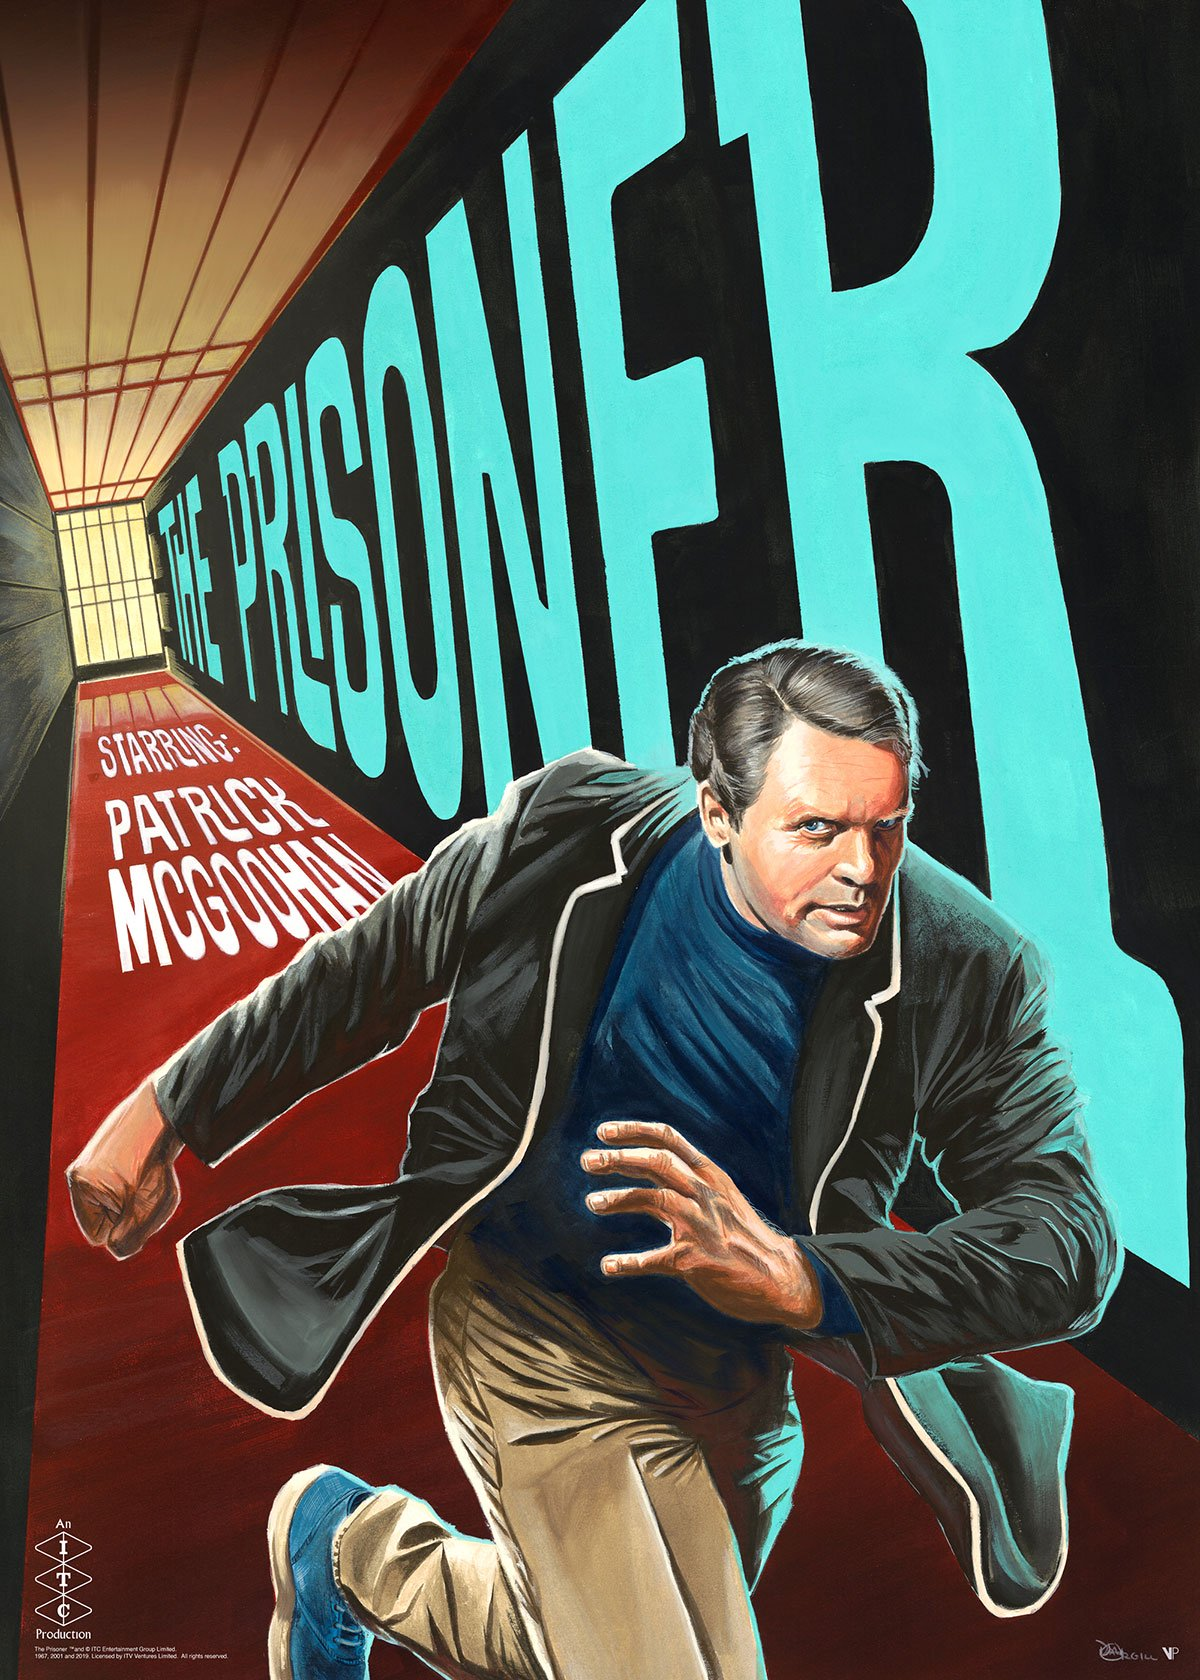 Vice Press' The Prisoner